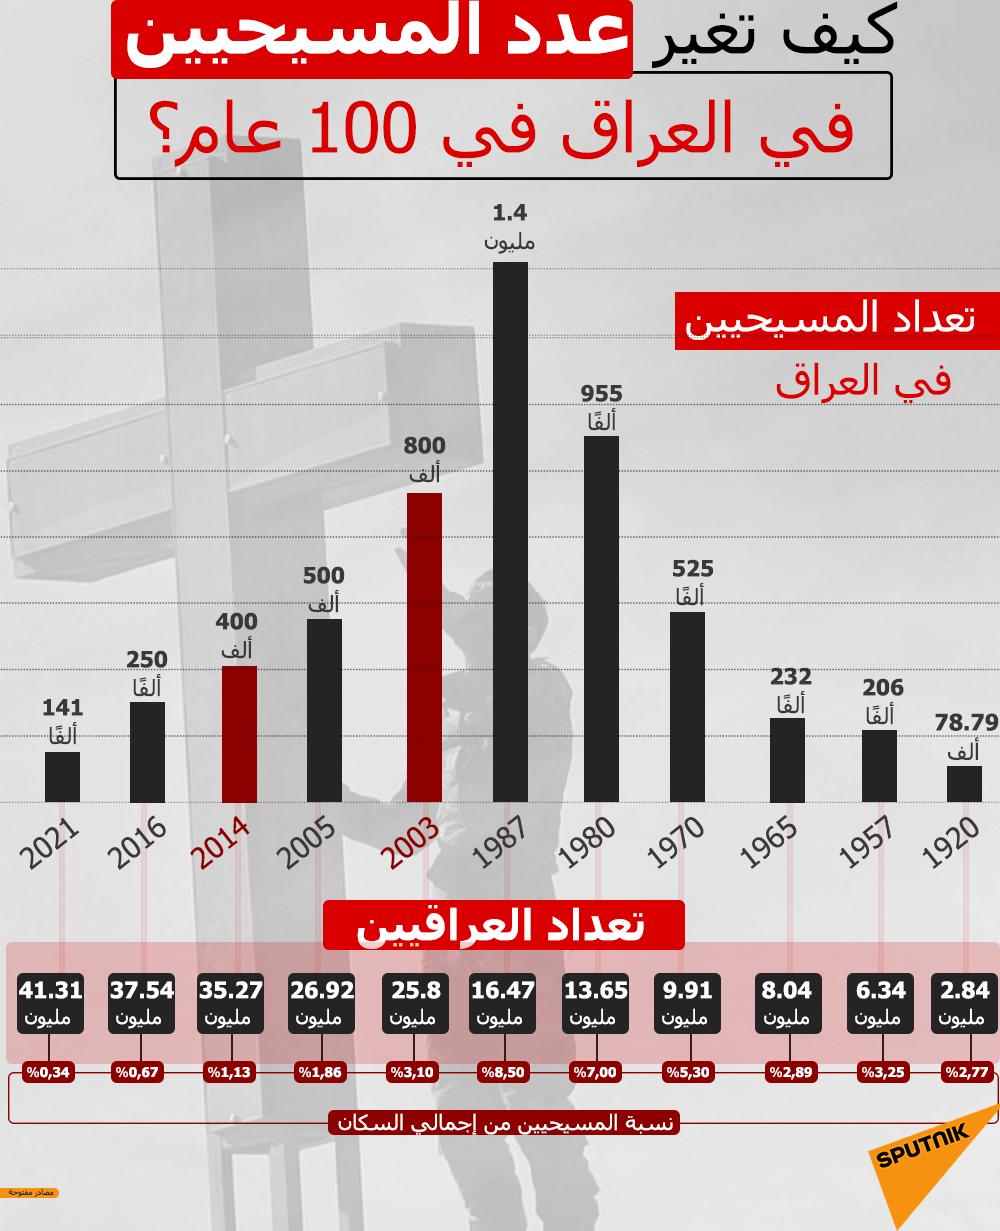 هكذا تغير تعداد المواطنين المسيحيين في العراق خلال 100 عام